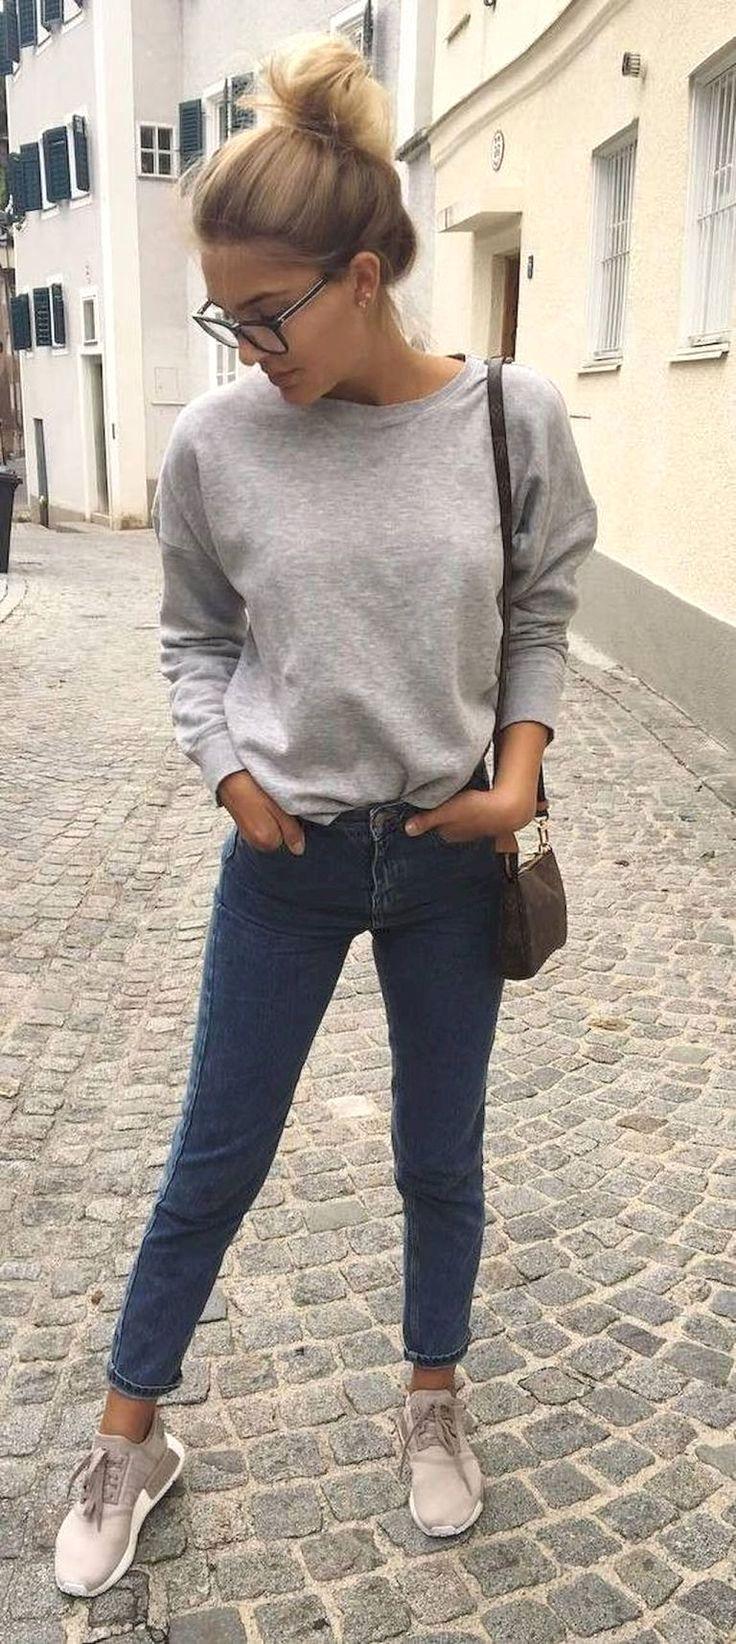 a28da7c4b31d3 Épinglé par Maeva Anezo sur tenue | S'habiller, Vêtements de style et Mode  tendance